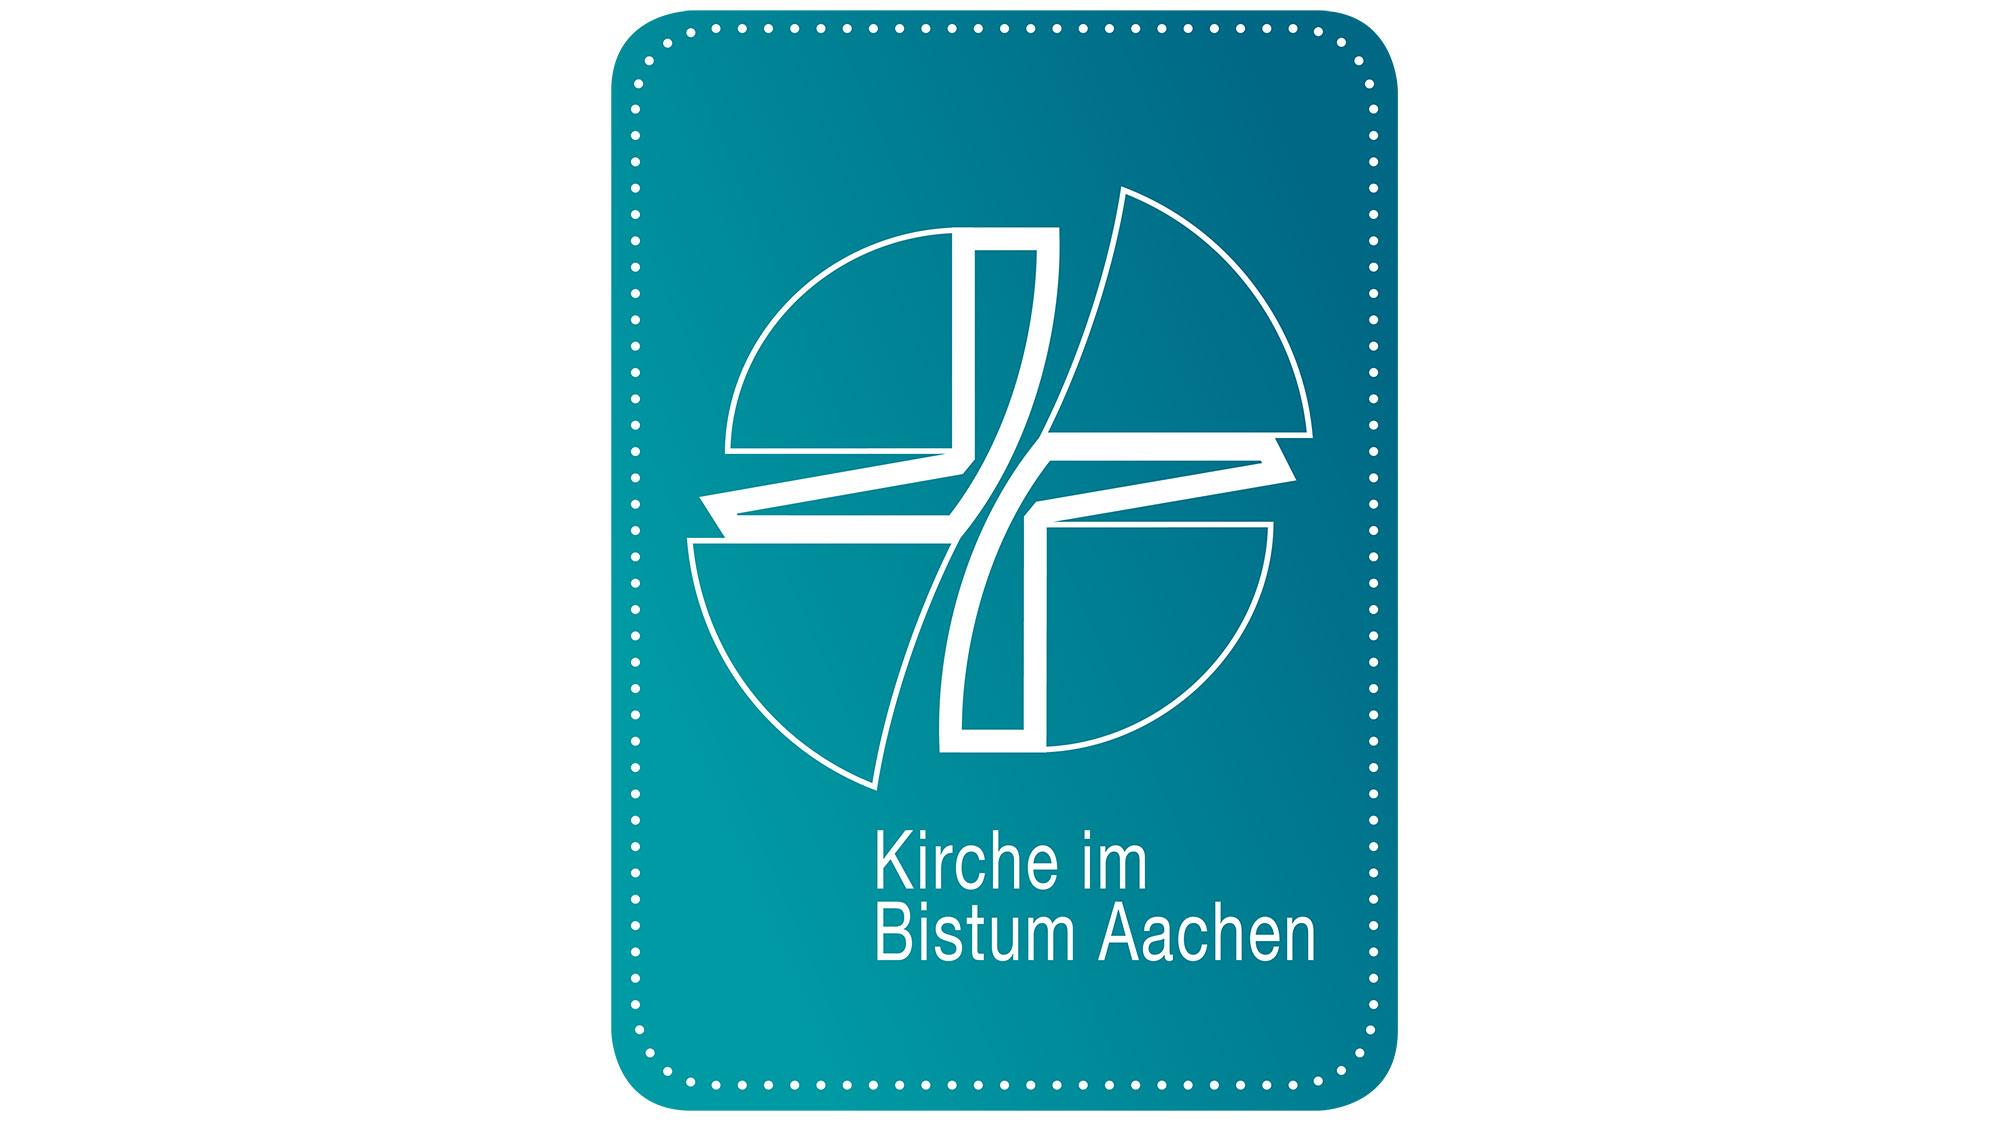 Logo Bistum Aachen (c) Bistum Aachen